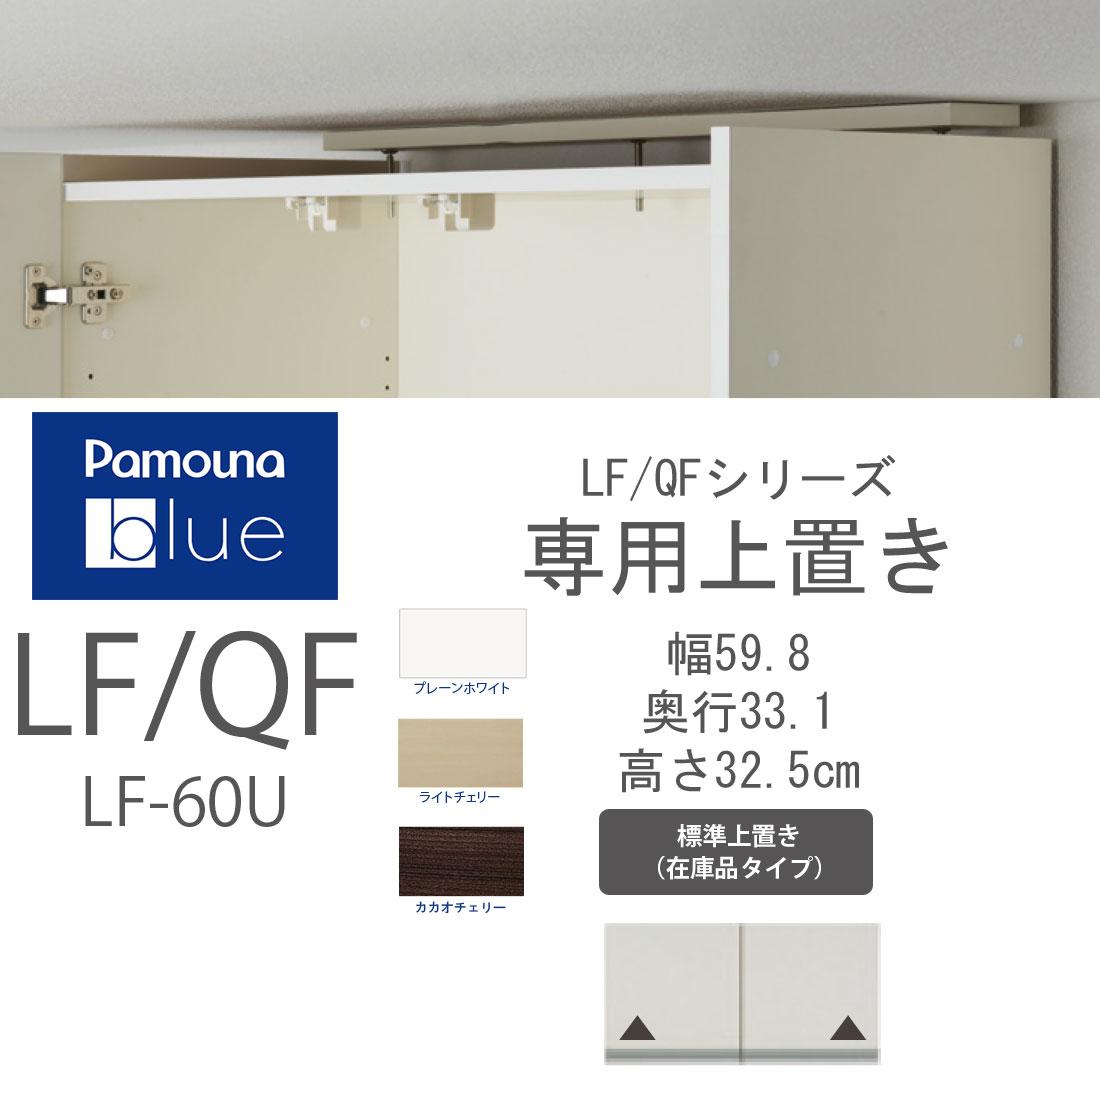 LF-60U 【本州、四国は開梱設置無料】 パモウナ LF/QF 標準上置 【幅59.8×奥行33.1×高さ32.5cm】 プレーンホワイト LF-60U パモウナ食器棚 パモウナ 安心 食器棚